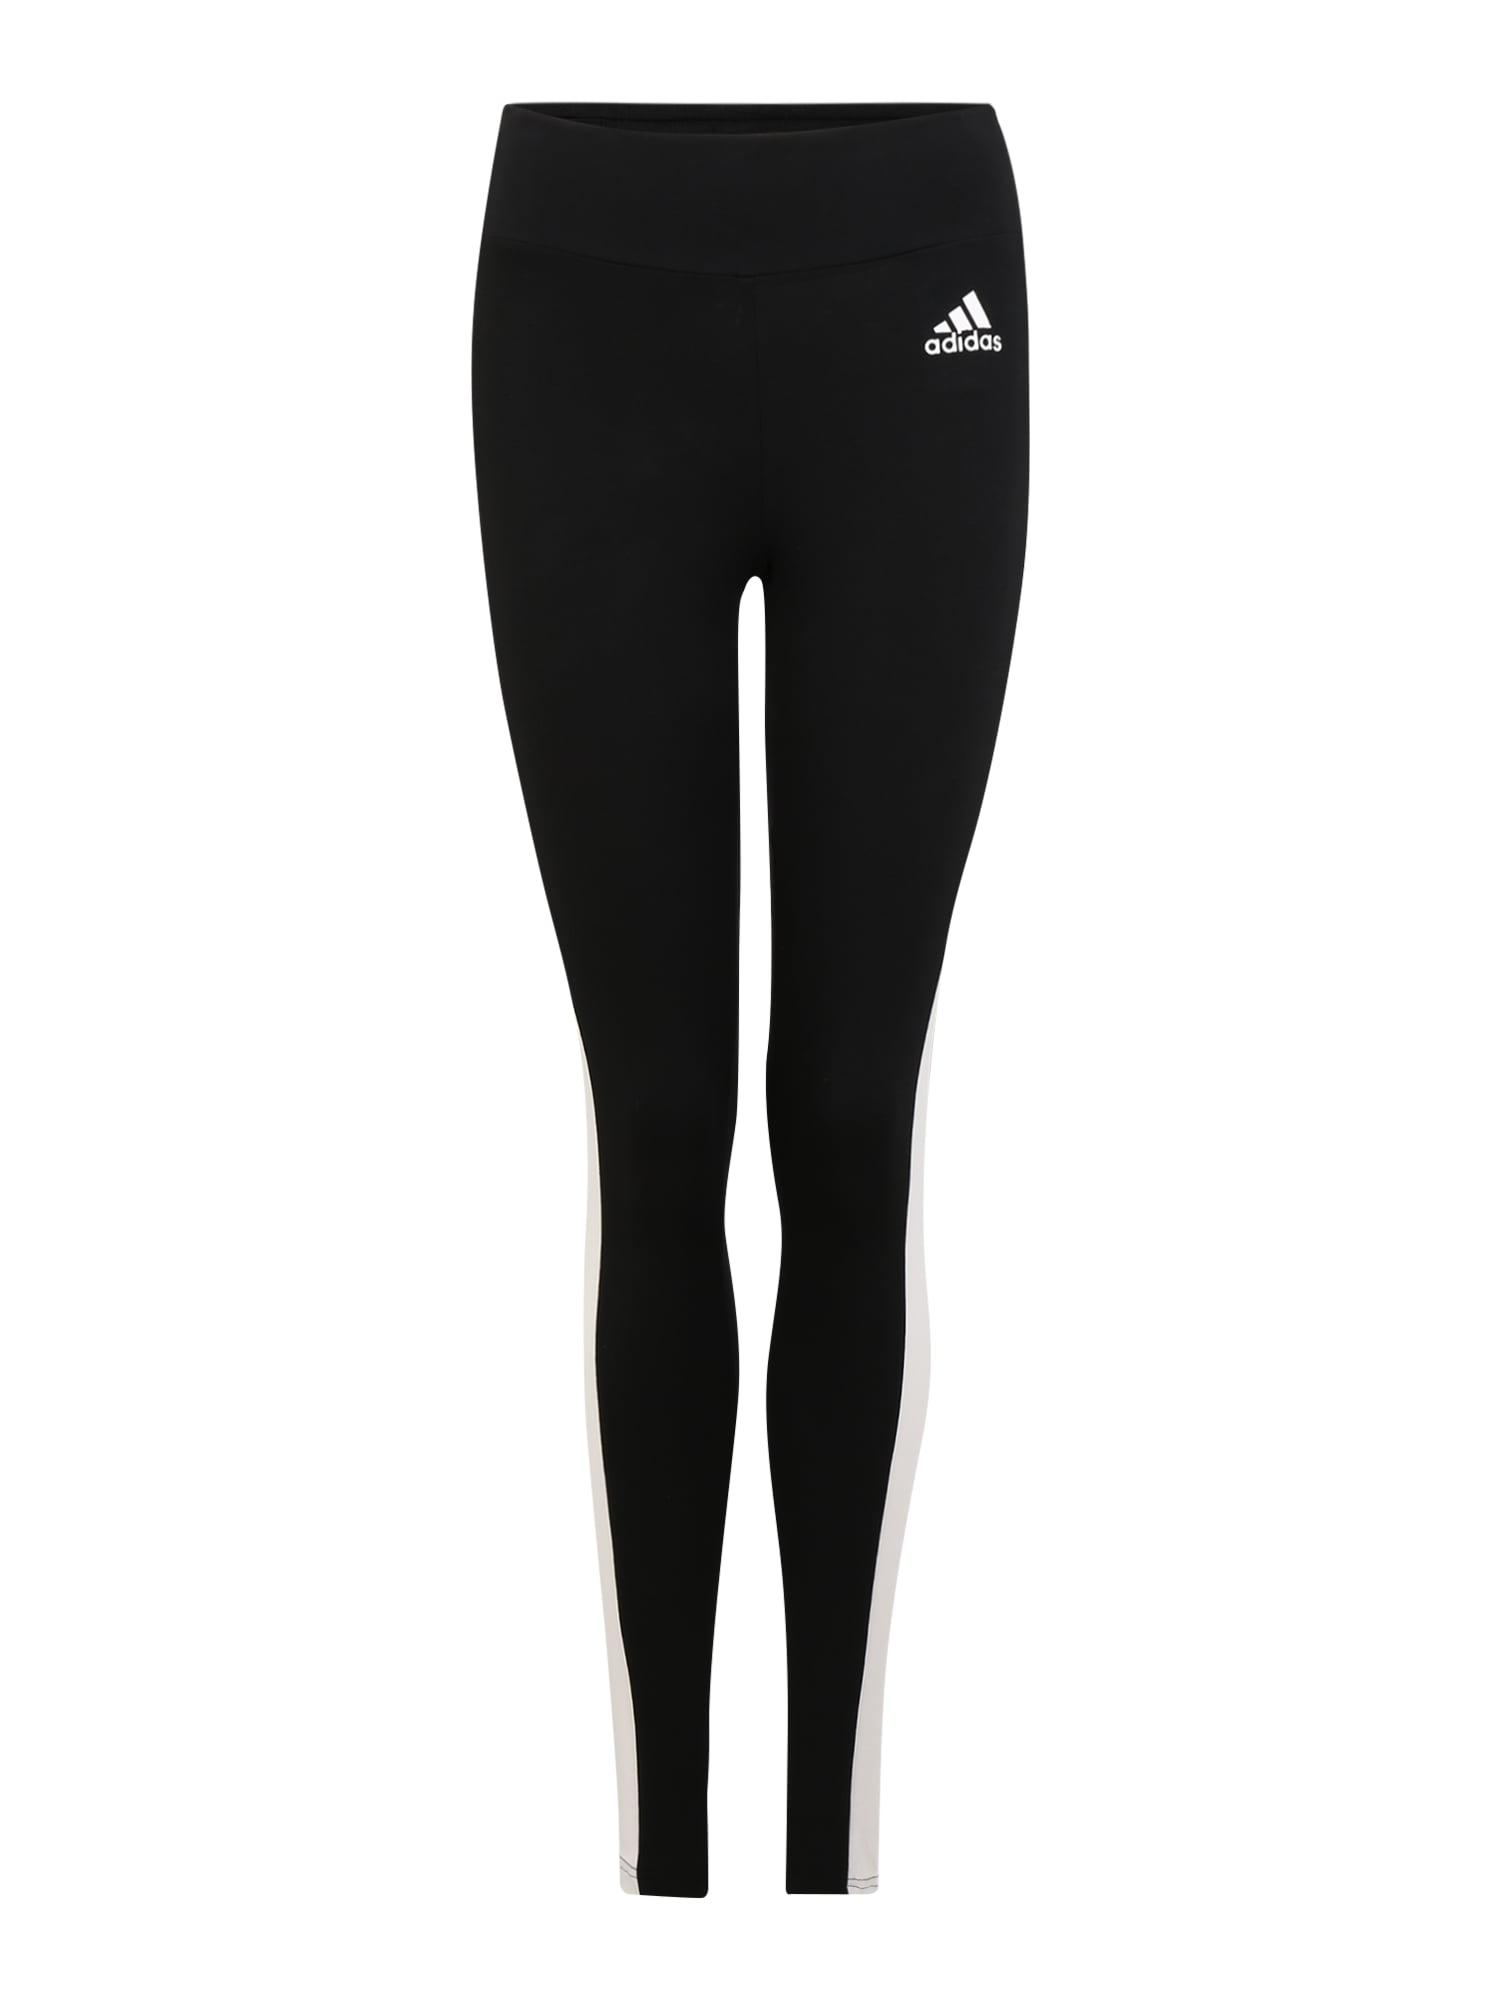 ADIDAS PERFORMANCE Sportinės kelnės 'W SP Tight Ver' juoda